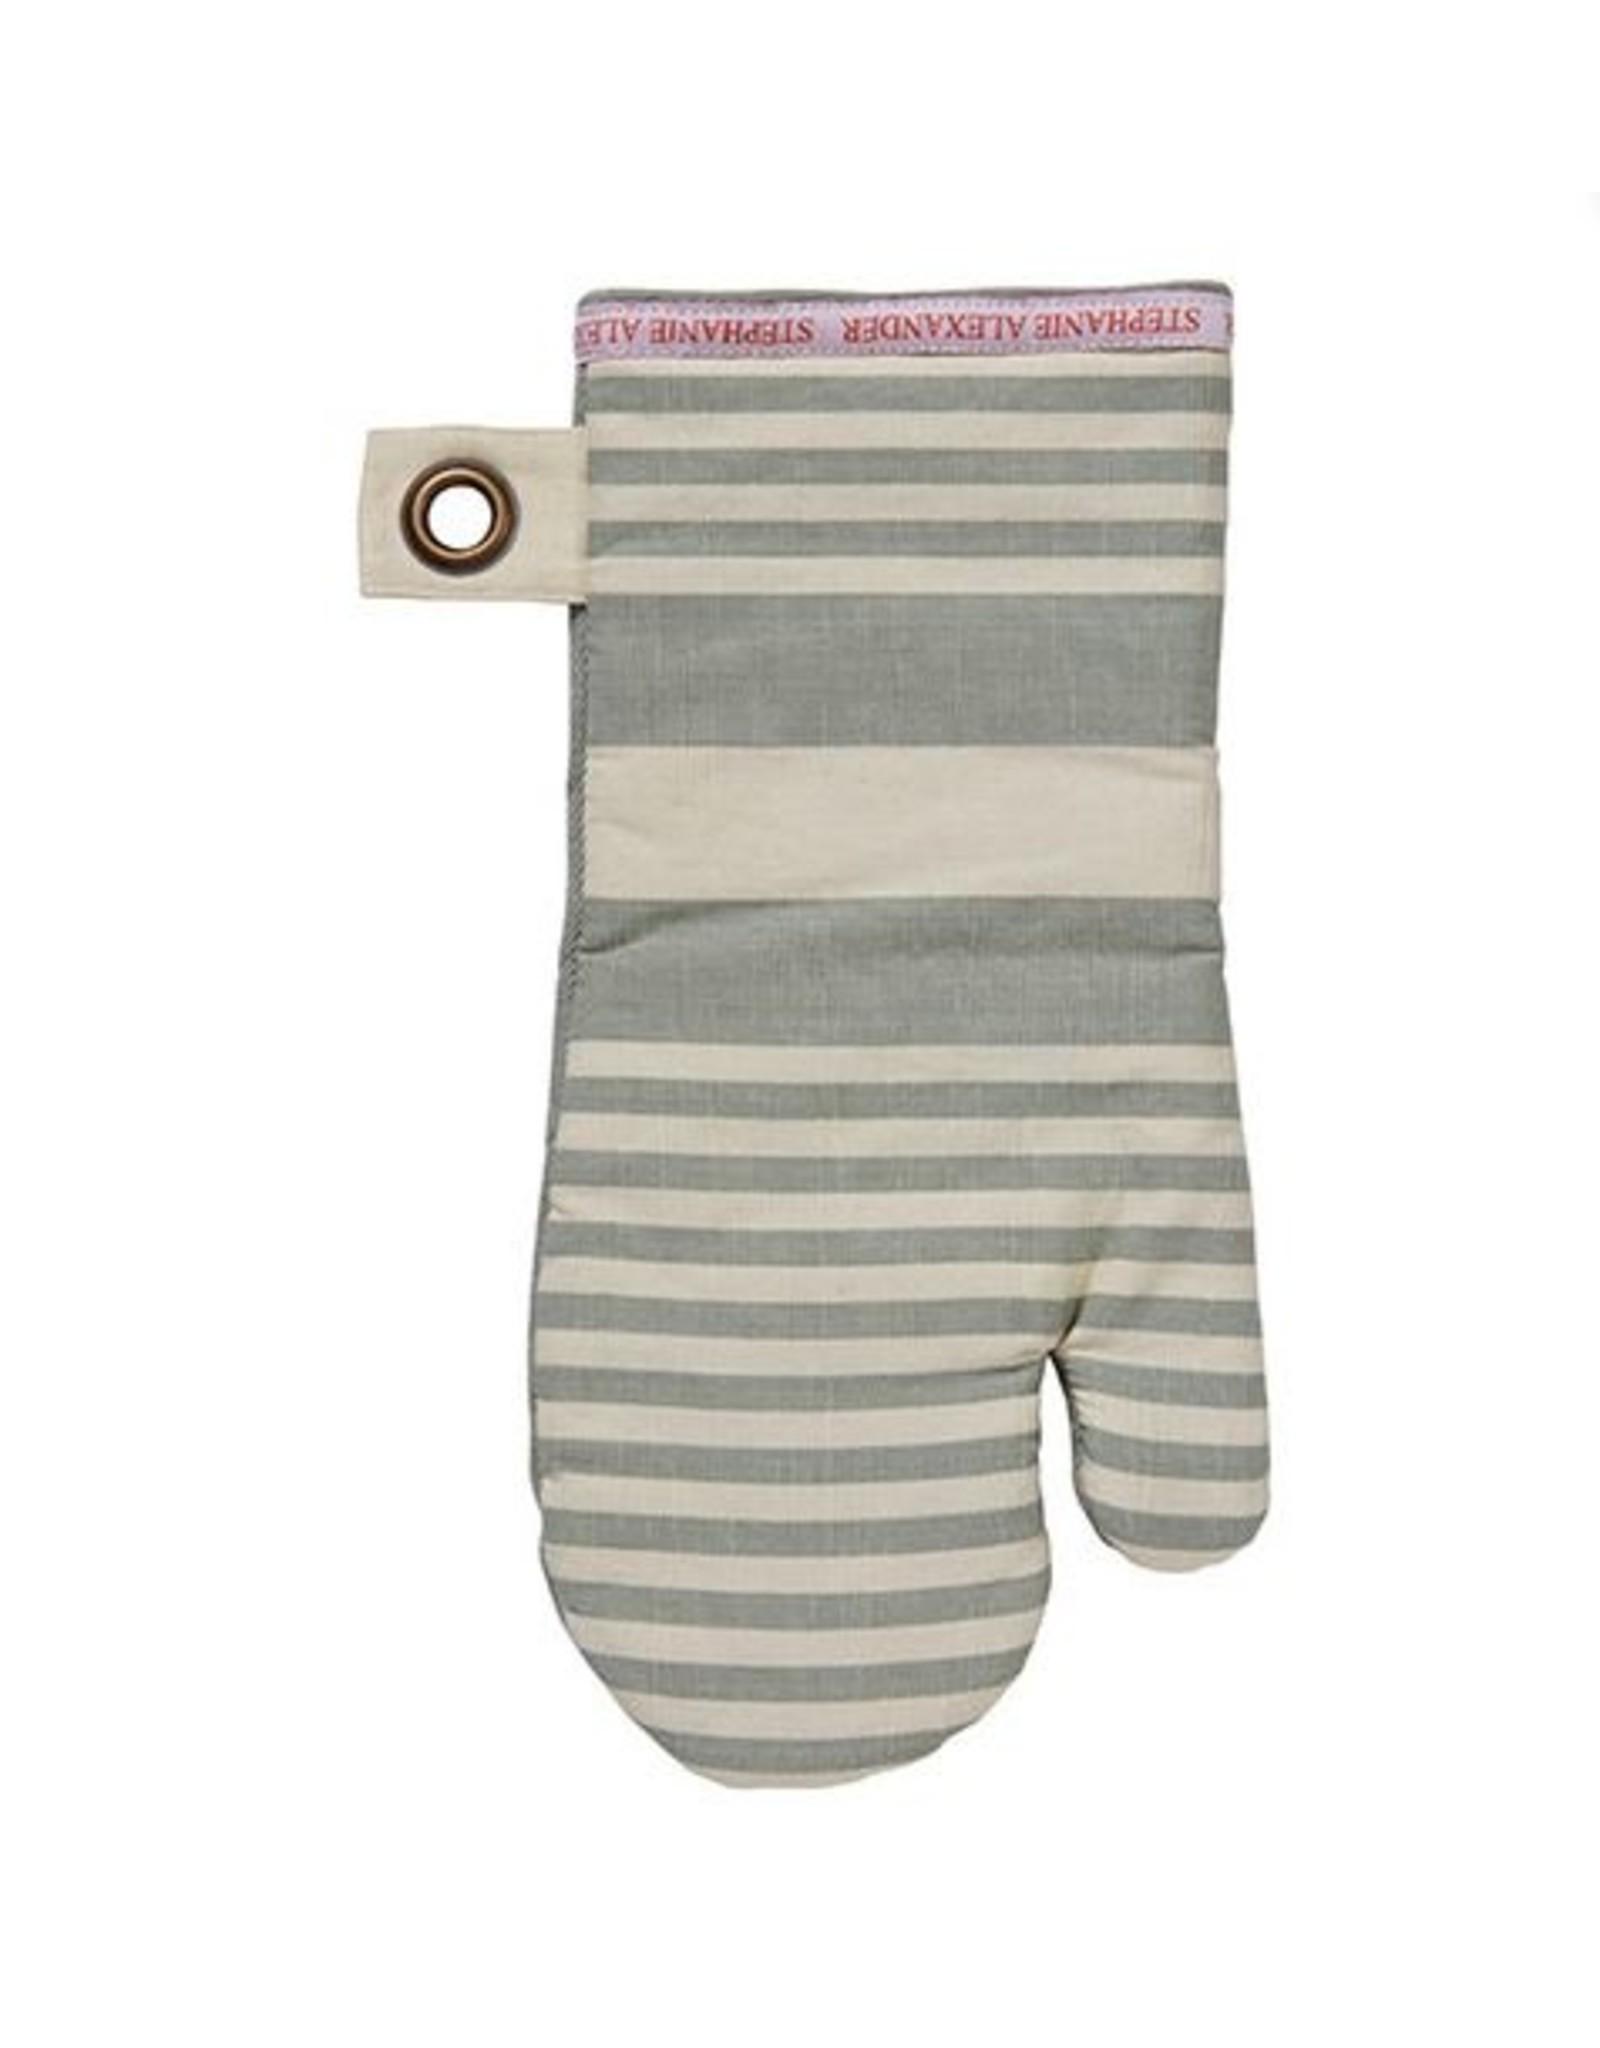 Stephanie Alexander Sage & Cream Striped Oven Glove 18x35cm